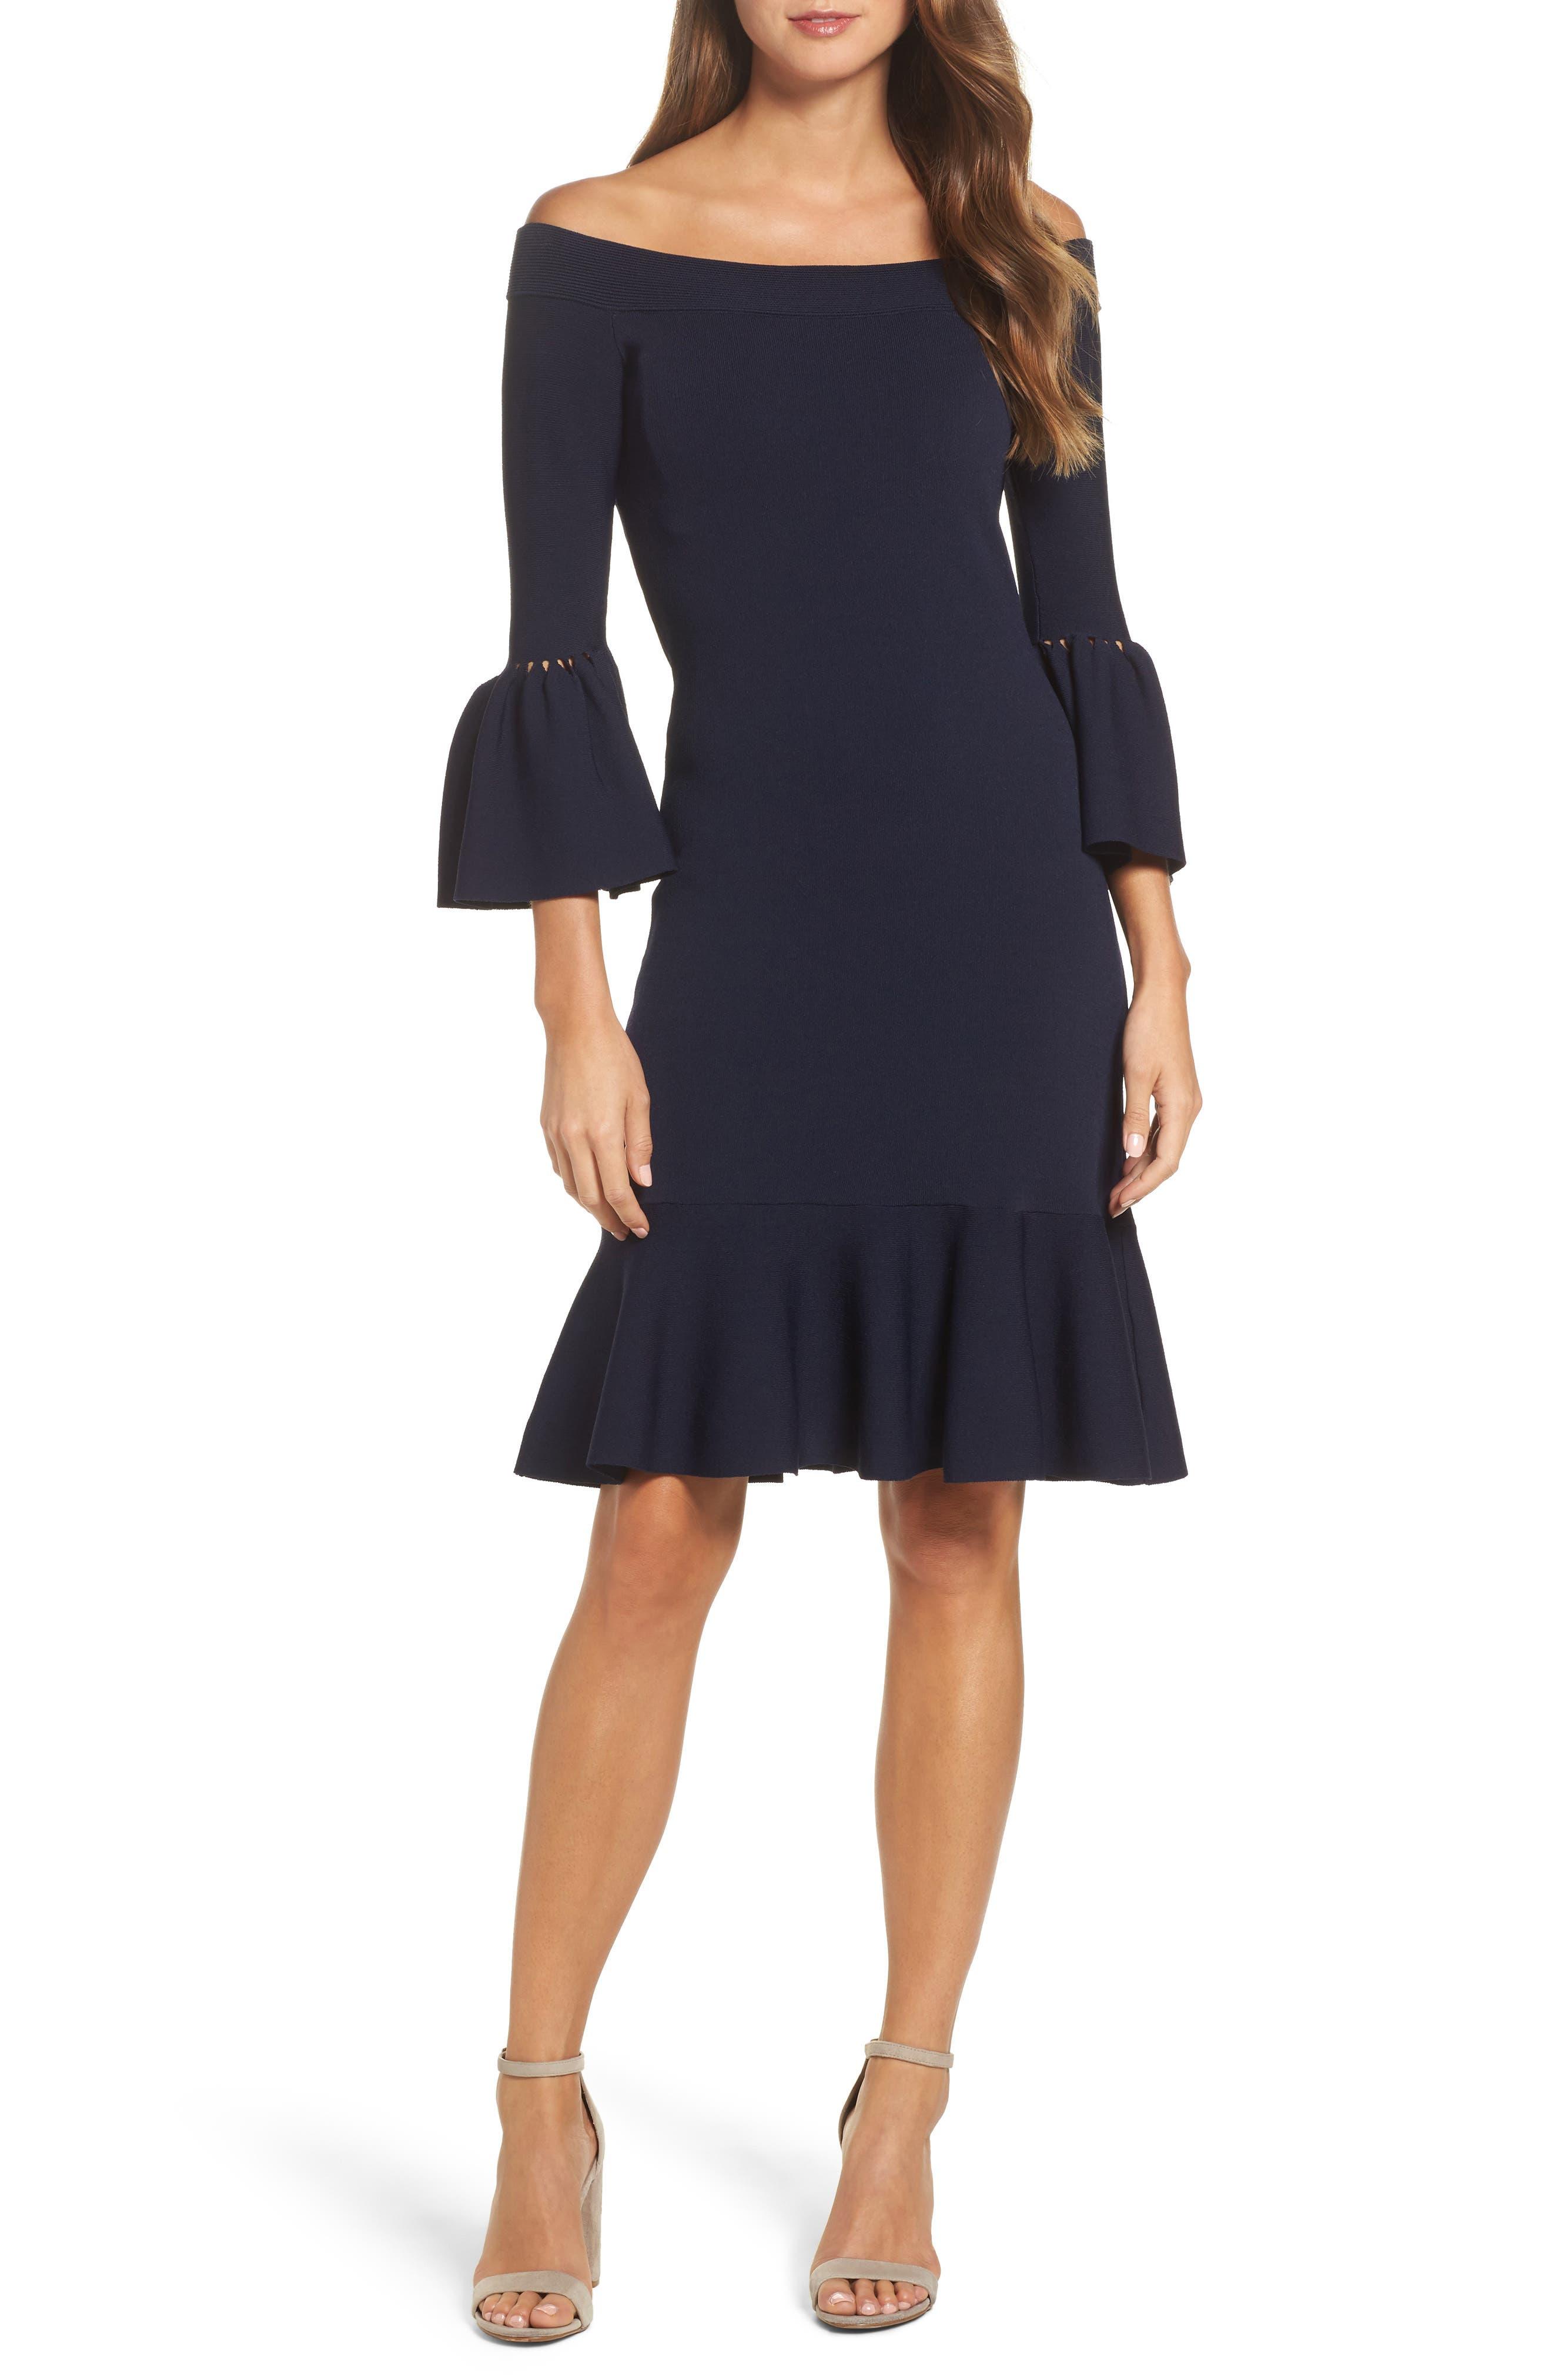 Alternate Image 1 Selected - Eliza J Off the Shoulder Flare Hem Dress